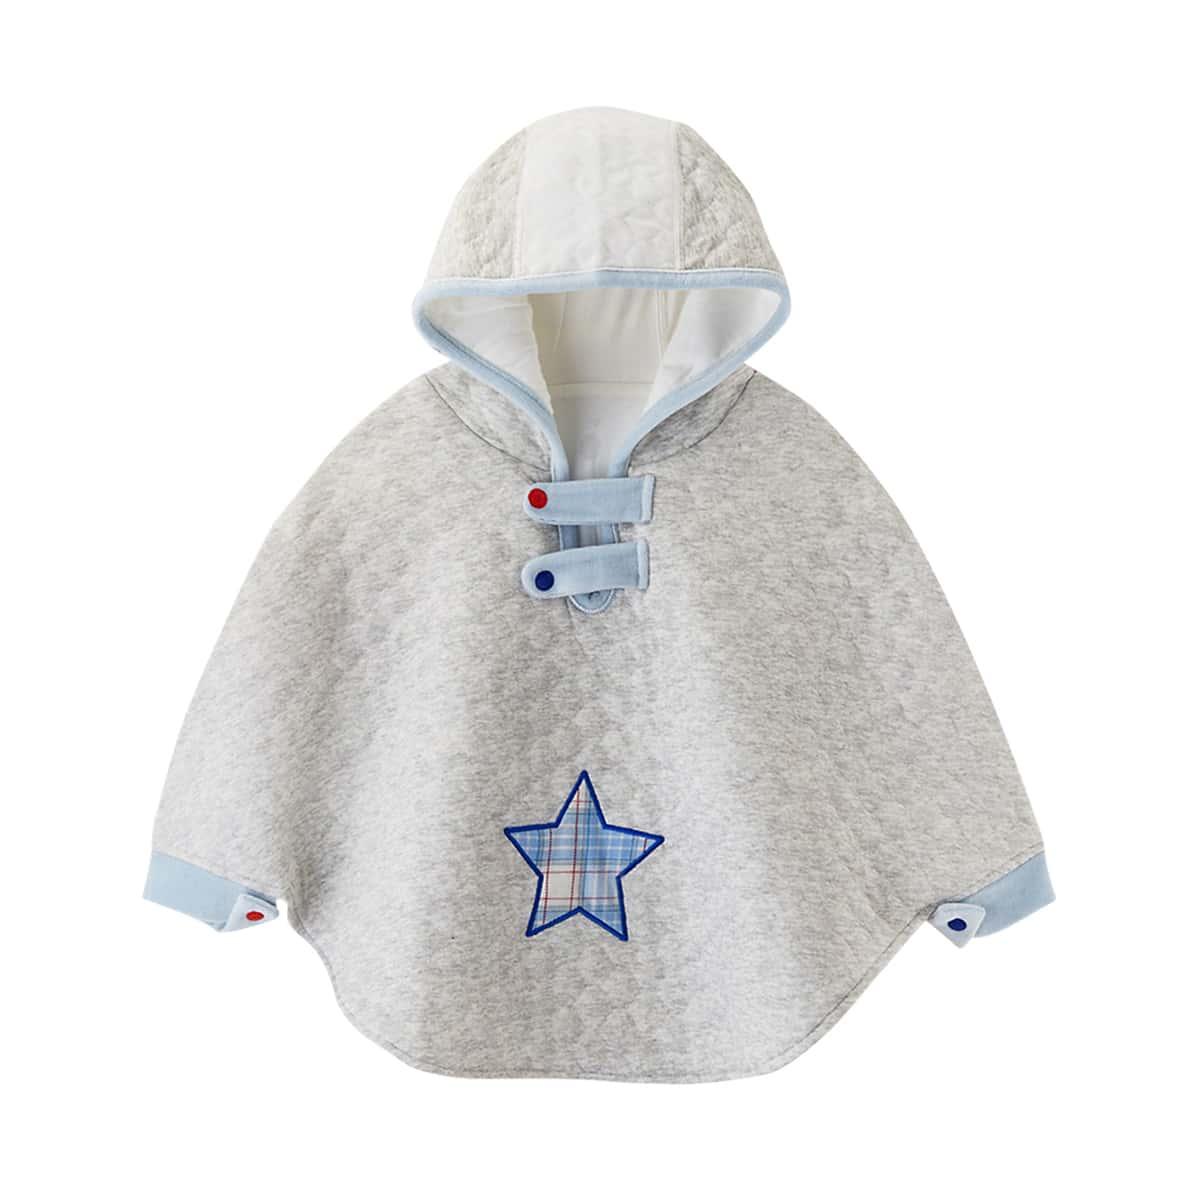 С вышивкой геометрический повседневный пальто для маленьких девочек